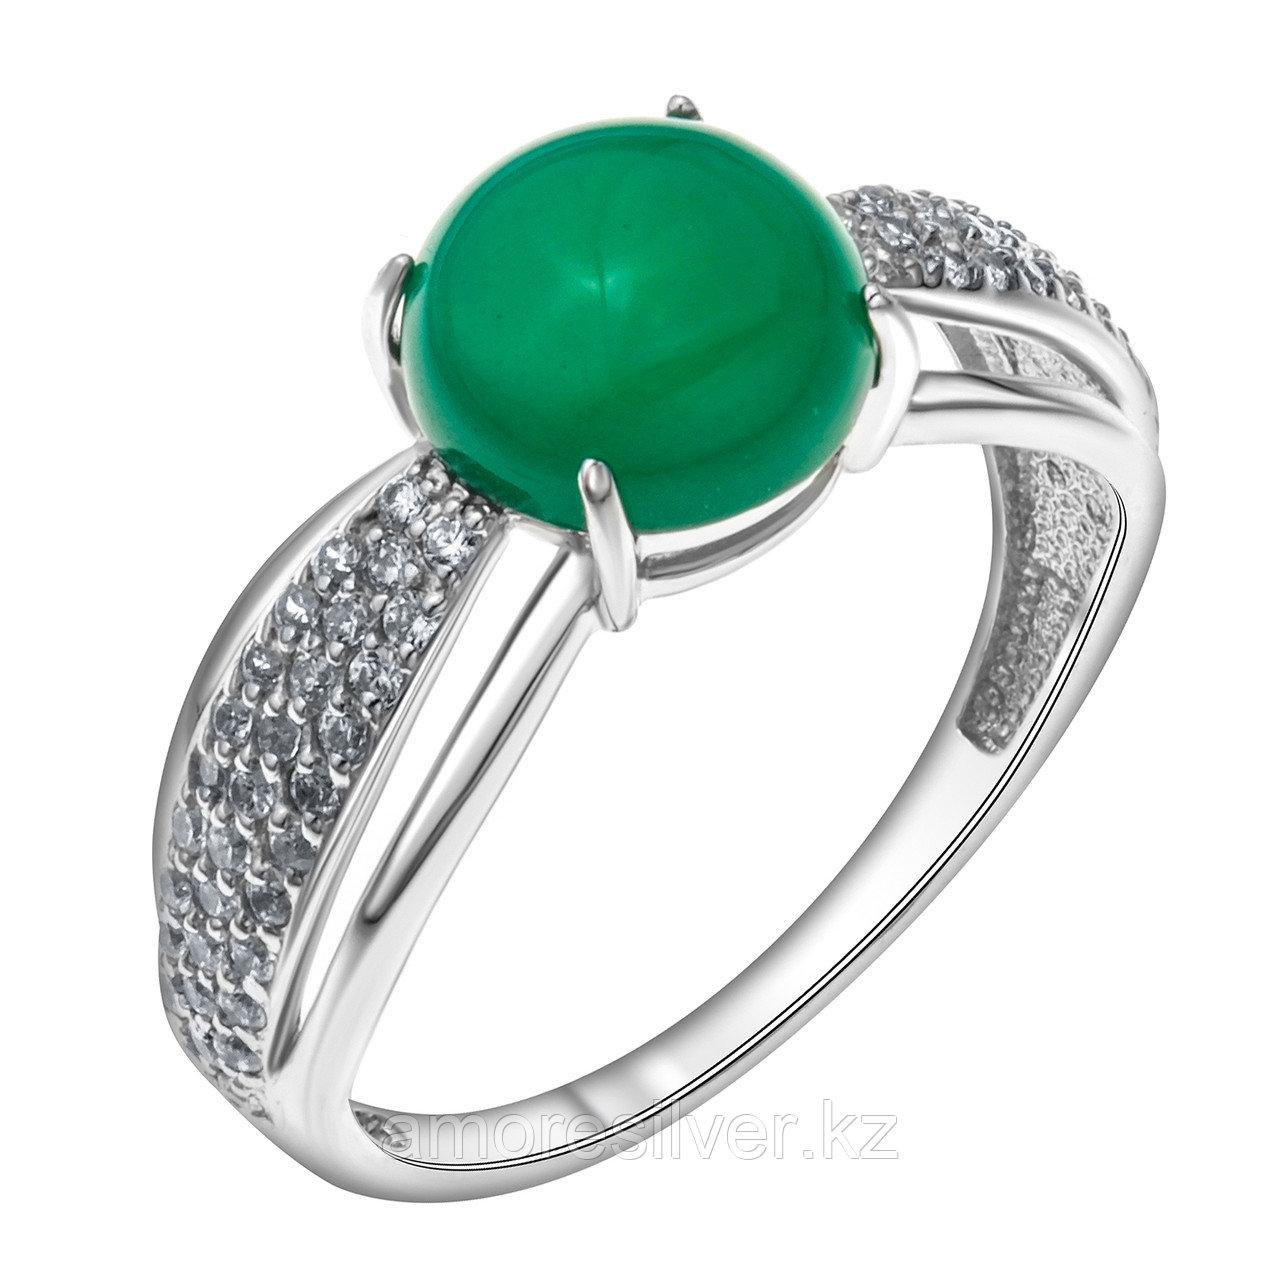 Кольцо MASKOM серебро с родием, агат зеленый фианит синт., круг 100-1365-GR размеры - 17